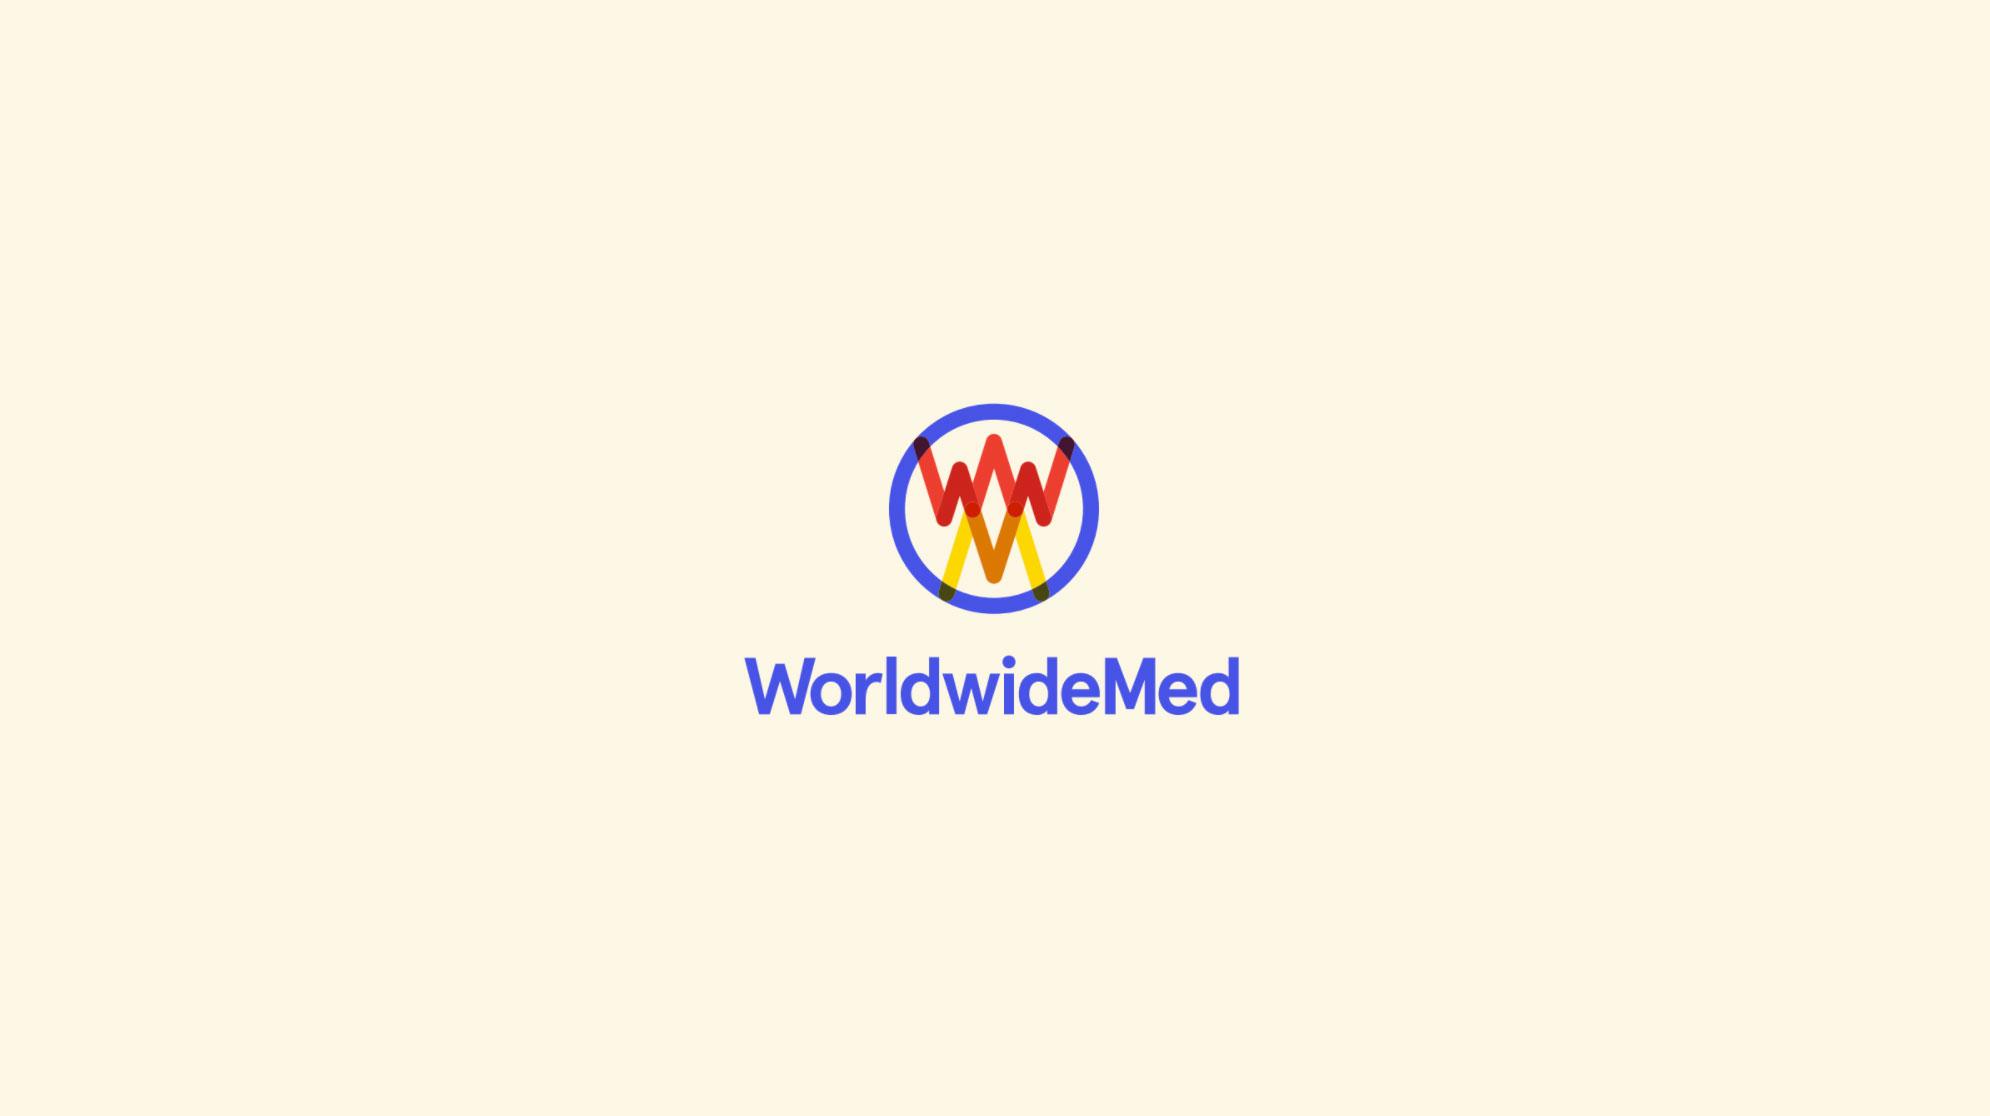 wwm-alternative-1